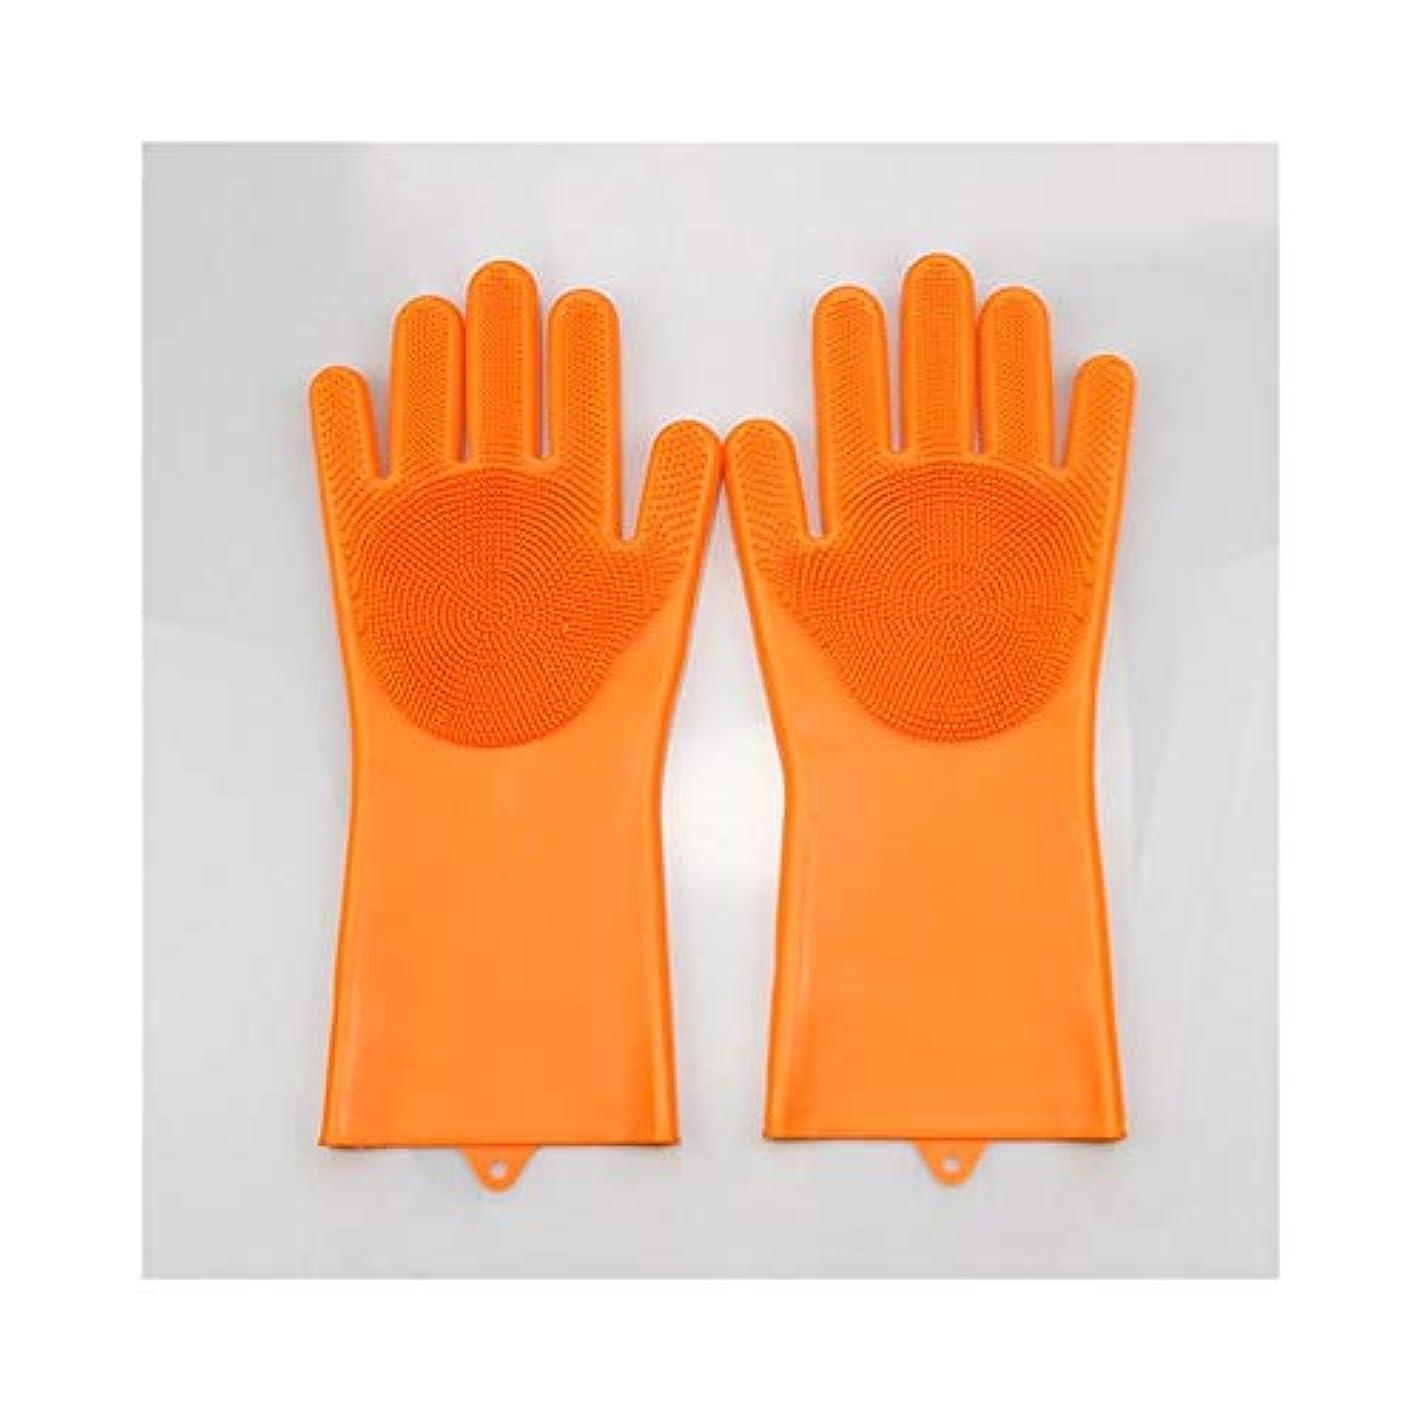 コカイン十分真実BTXXYJP キッチン用手袋 手袋 掃除用 ロング 耐摩耗 食器洗い 作業 掃除 炊事 食器洗い 園芸 洗車 防水 手袋 (Color : Orange, Size : L)